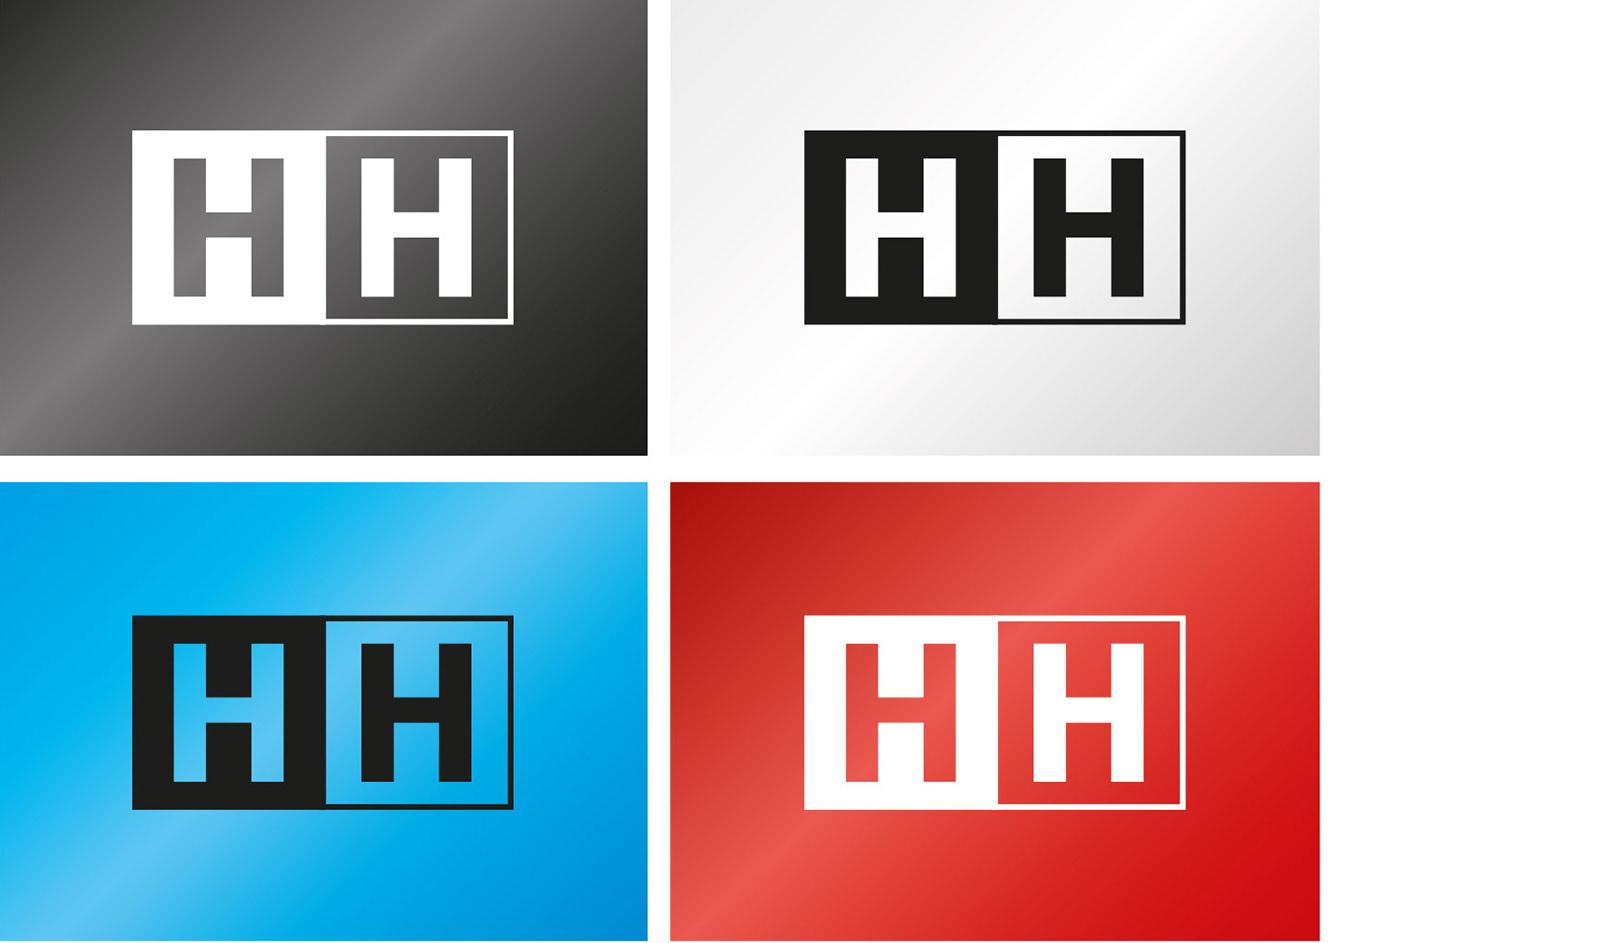 hh3.jpg